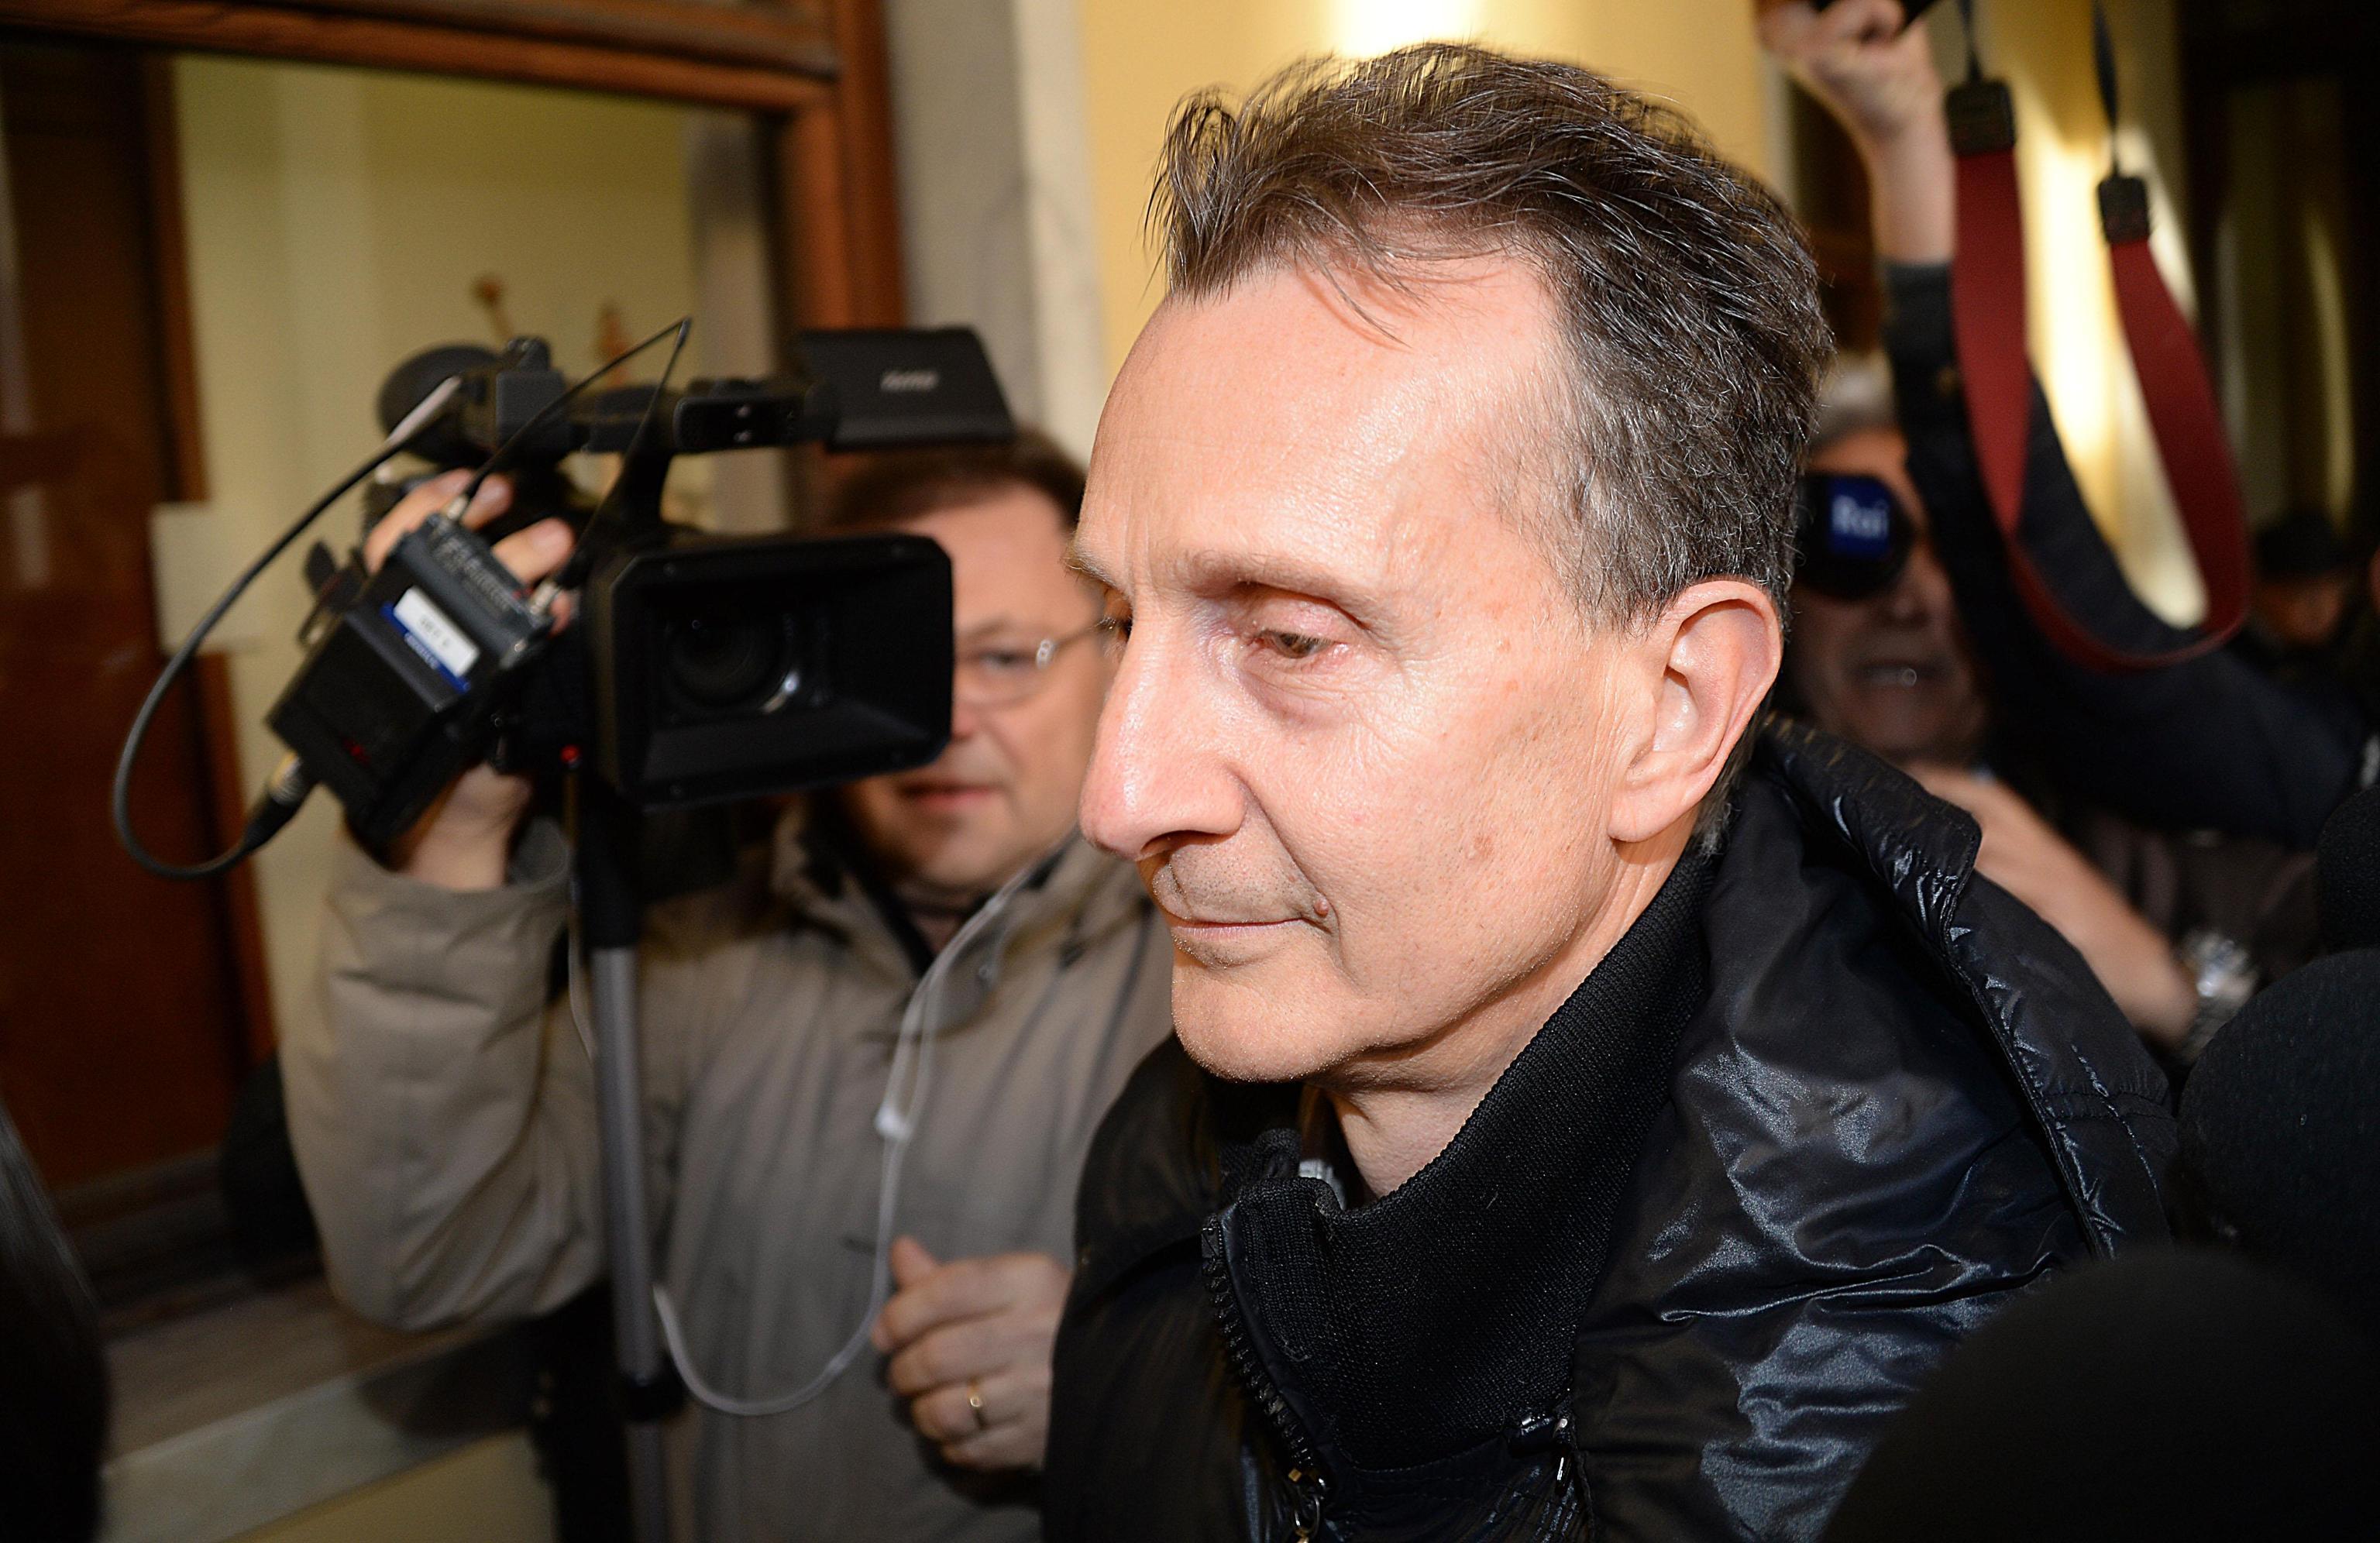 Roberta Ragusa, Antonio Logli condannato a 20 anni in appello: le motivazioni della sentenza